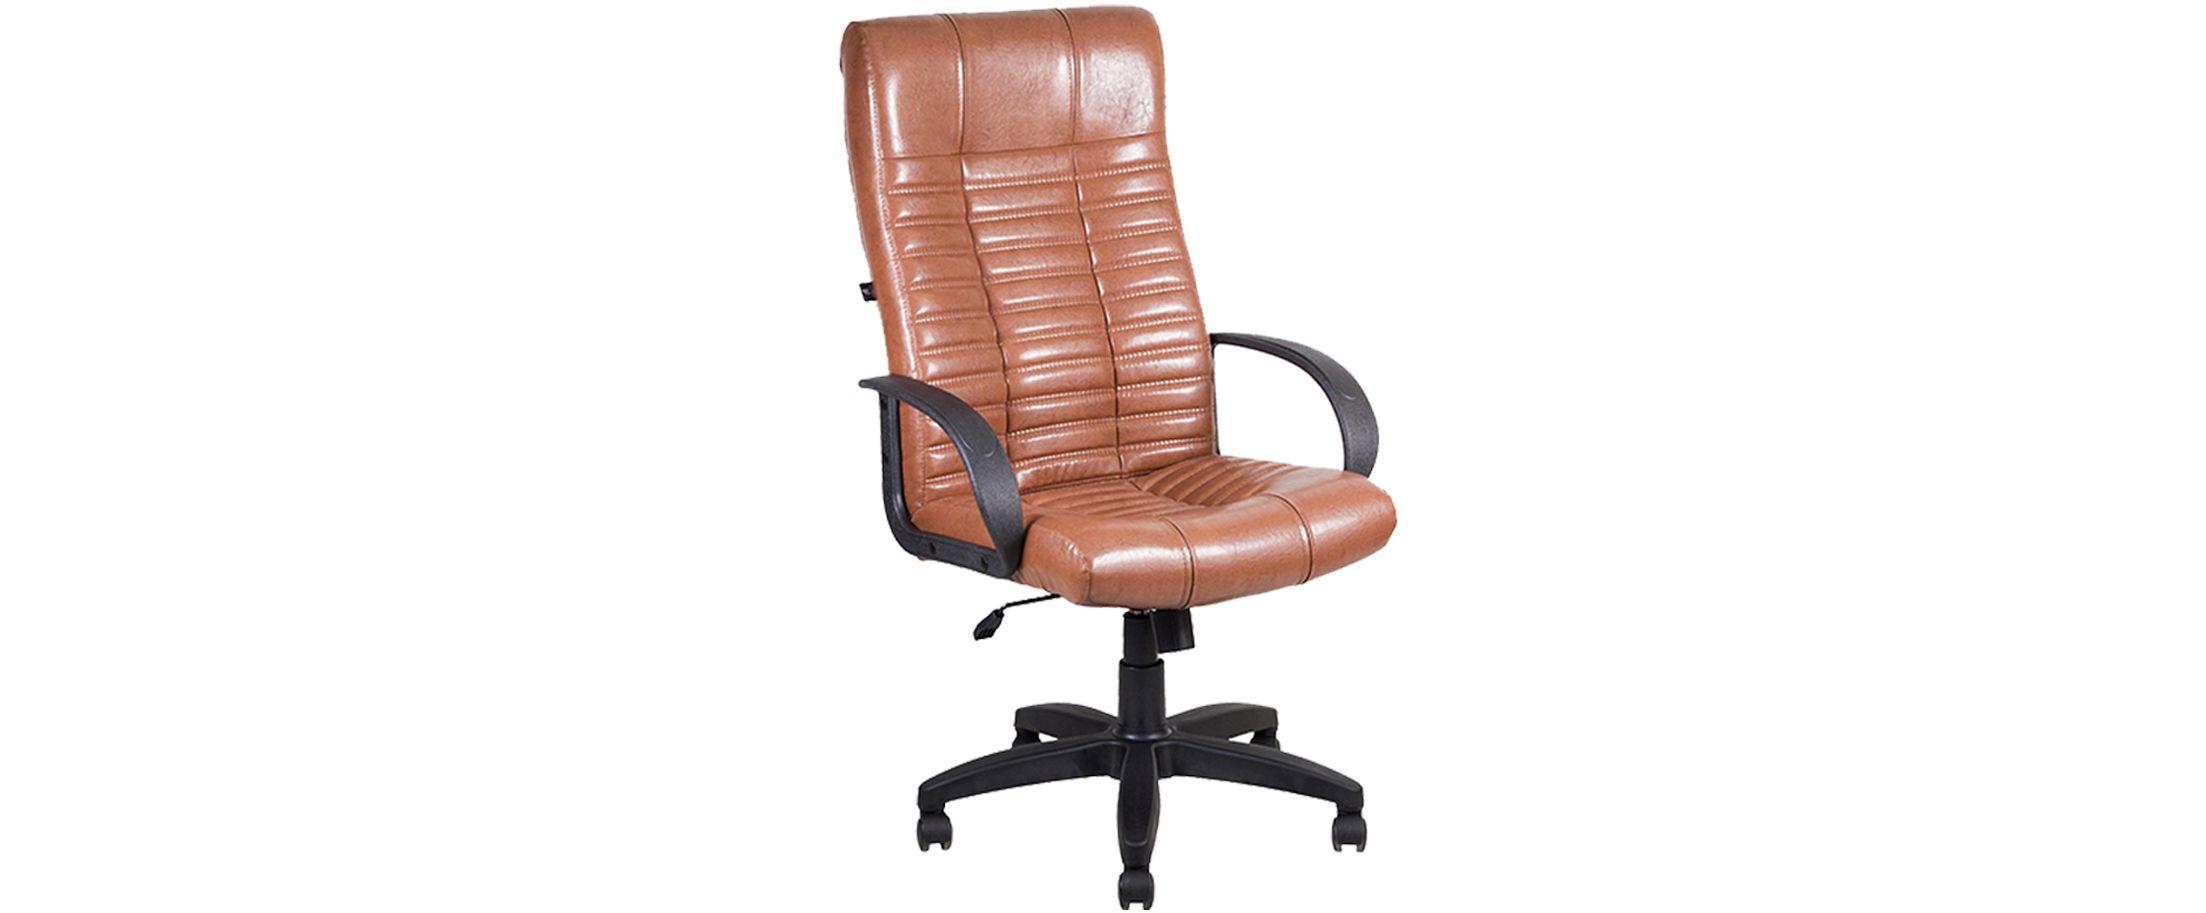 Кресло офисное AV 104 коньяк Модель 999 от MOON TRADE